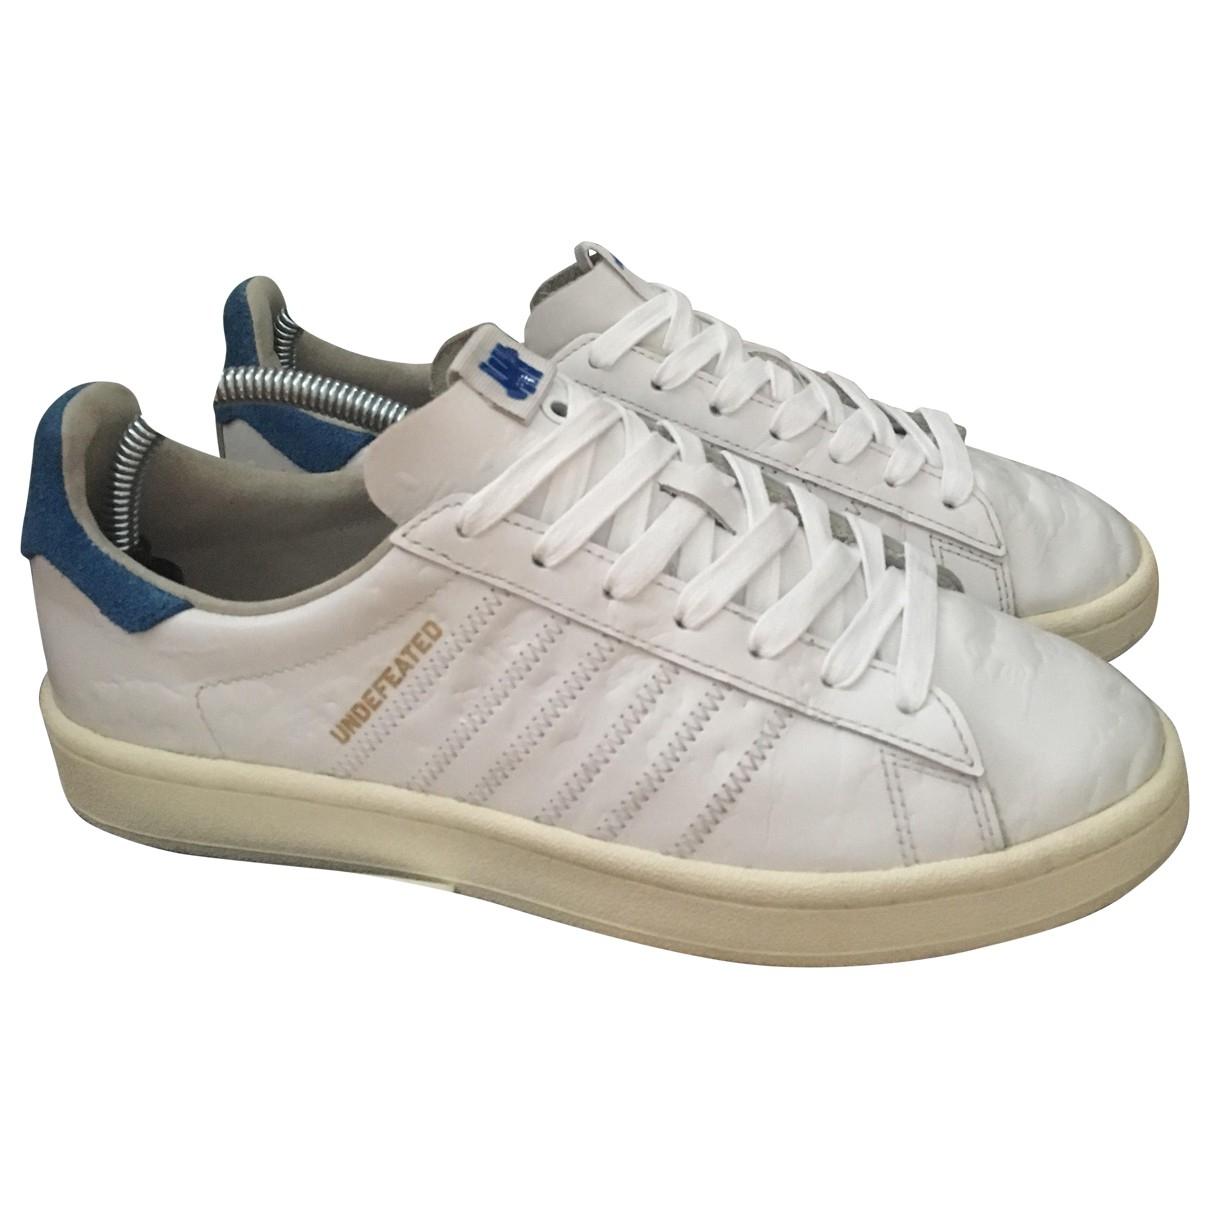 Adidas - Baskets   pour homme en cuir - blanc